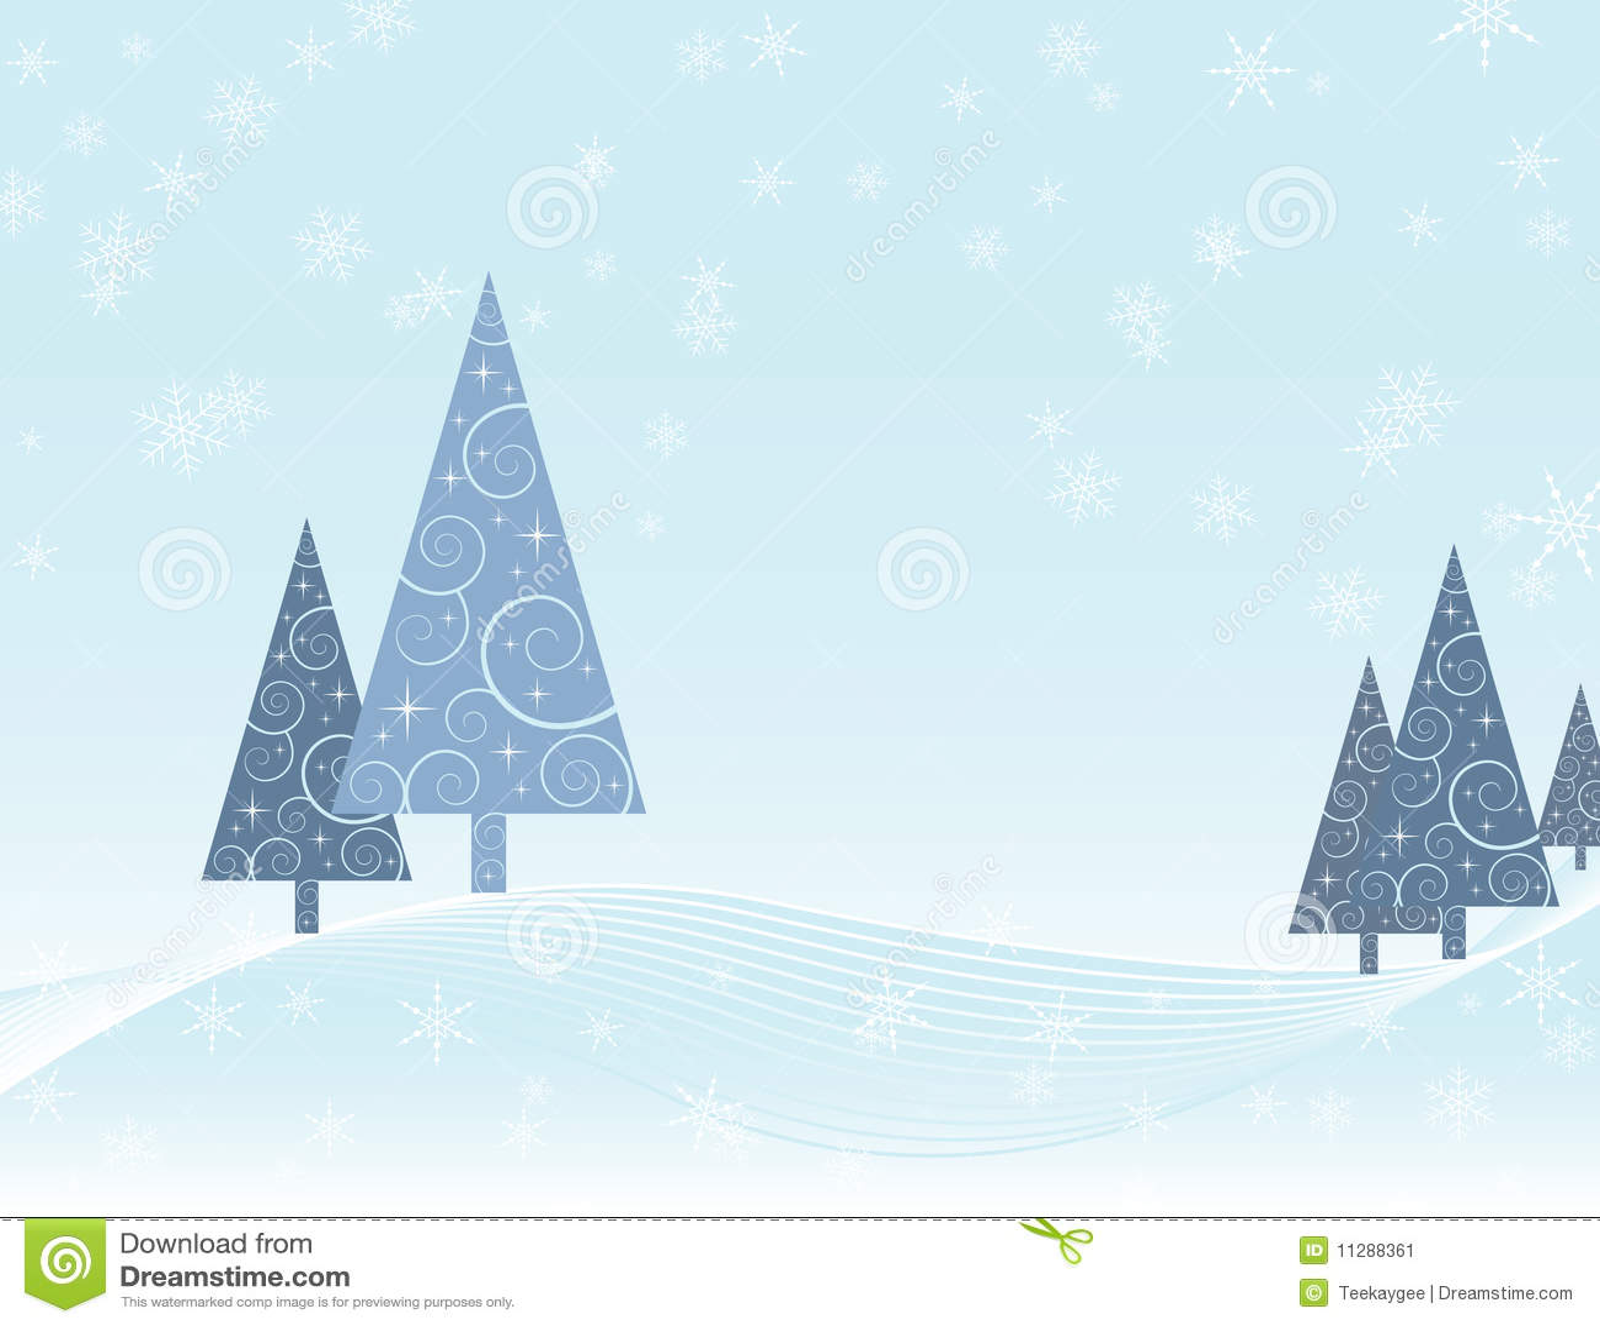 Winterszene Weihnachtskarte